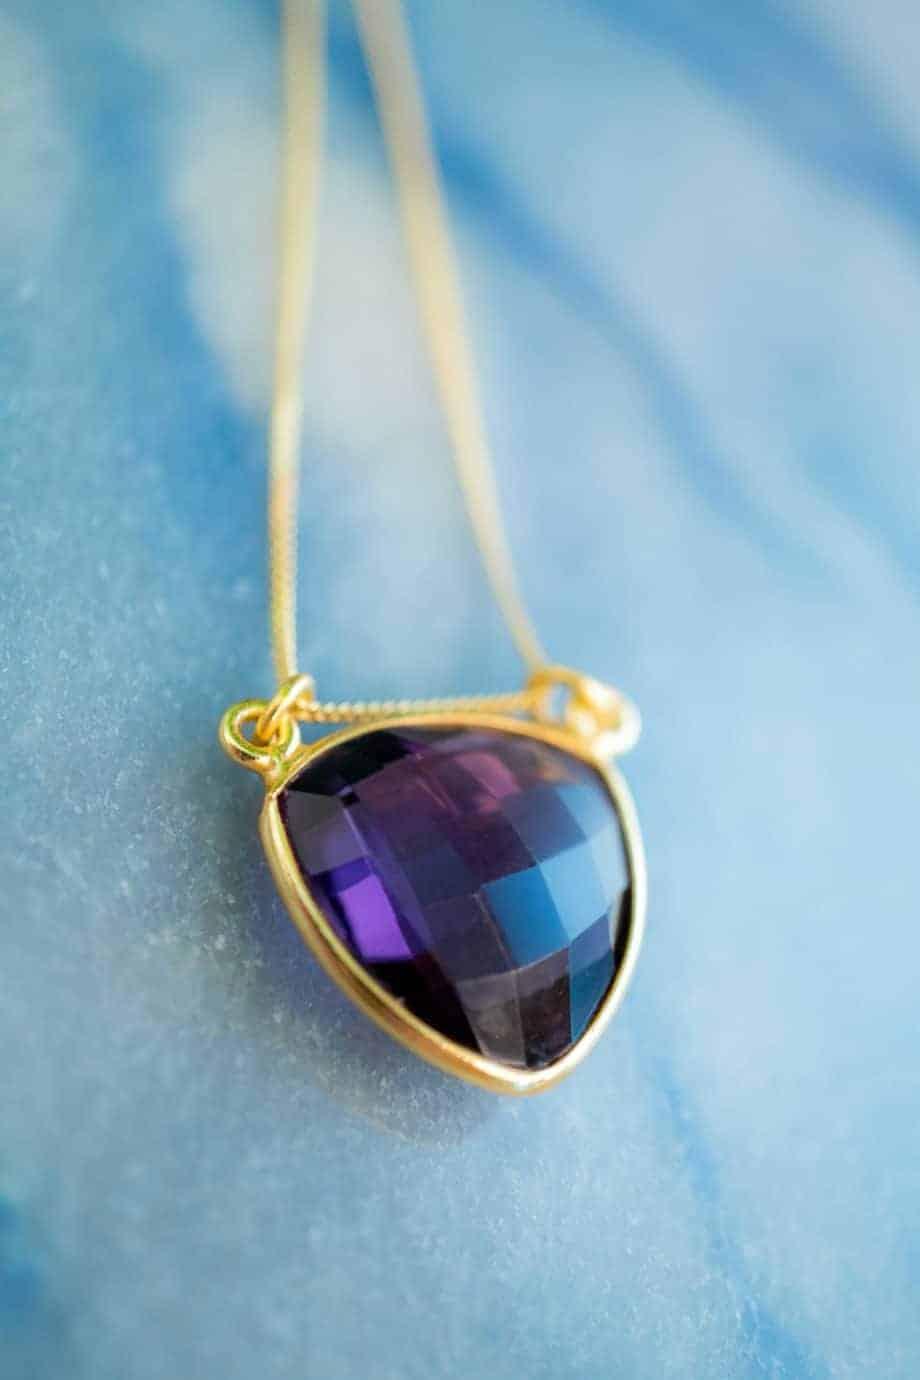 Handgemaakte Gouden ketting met paarse edelsteen 'Amethist' van Goud op Zilver